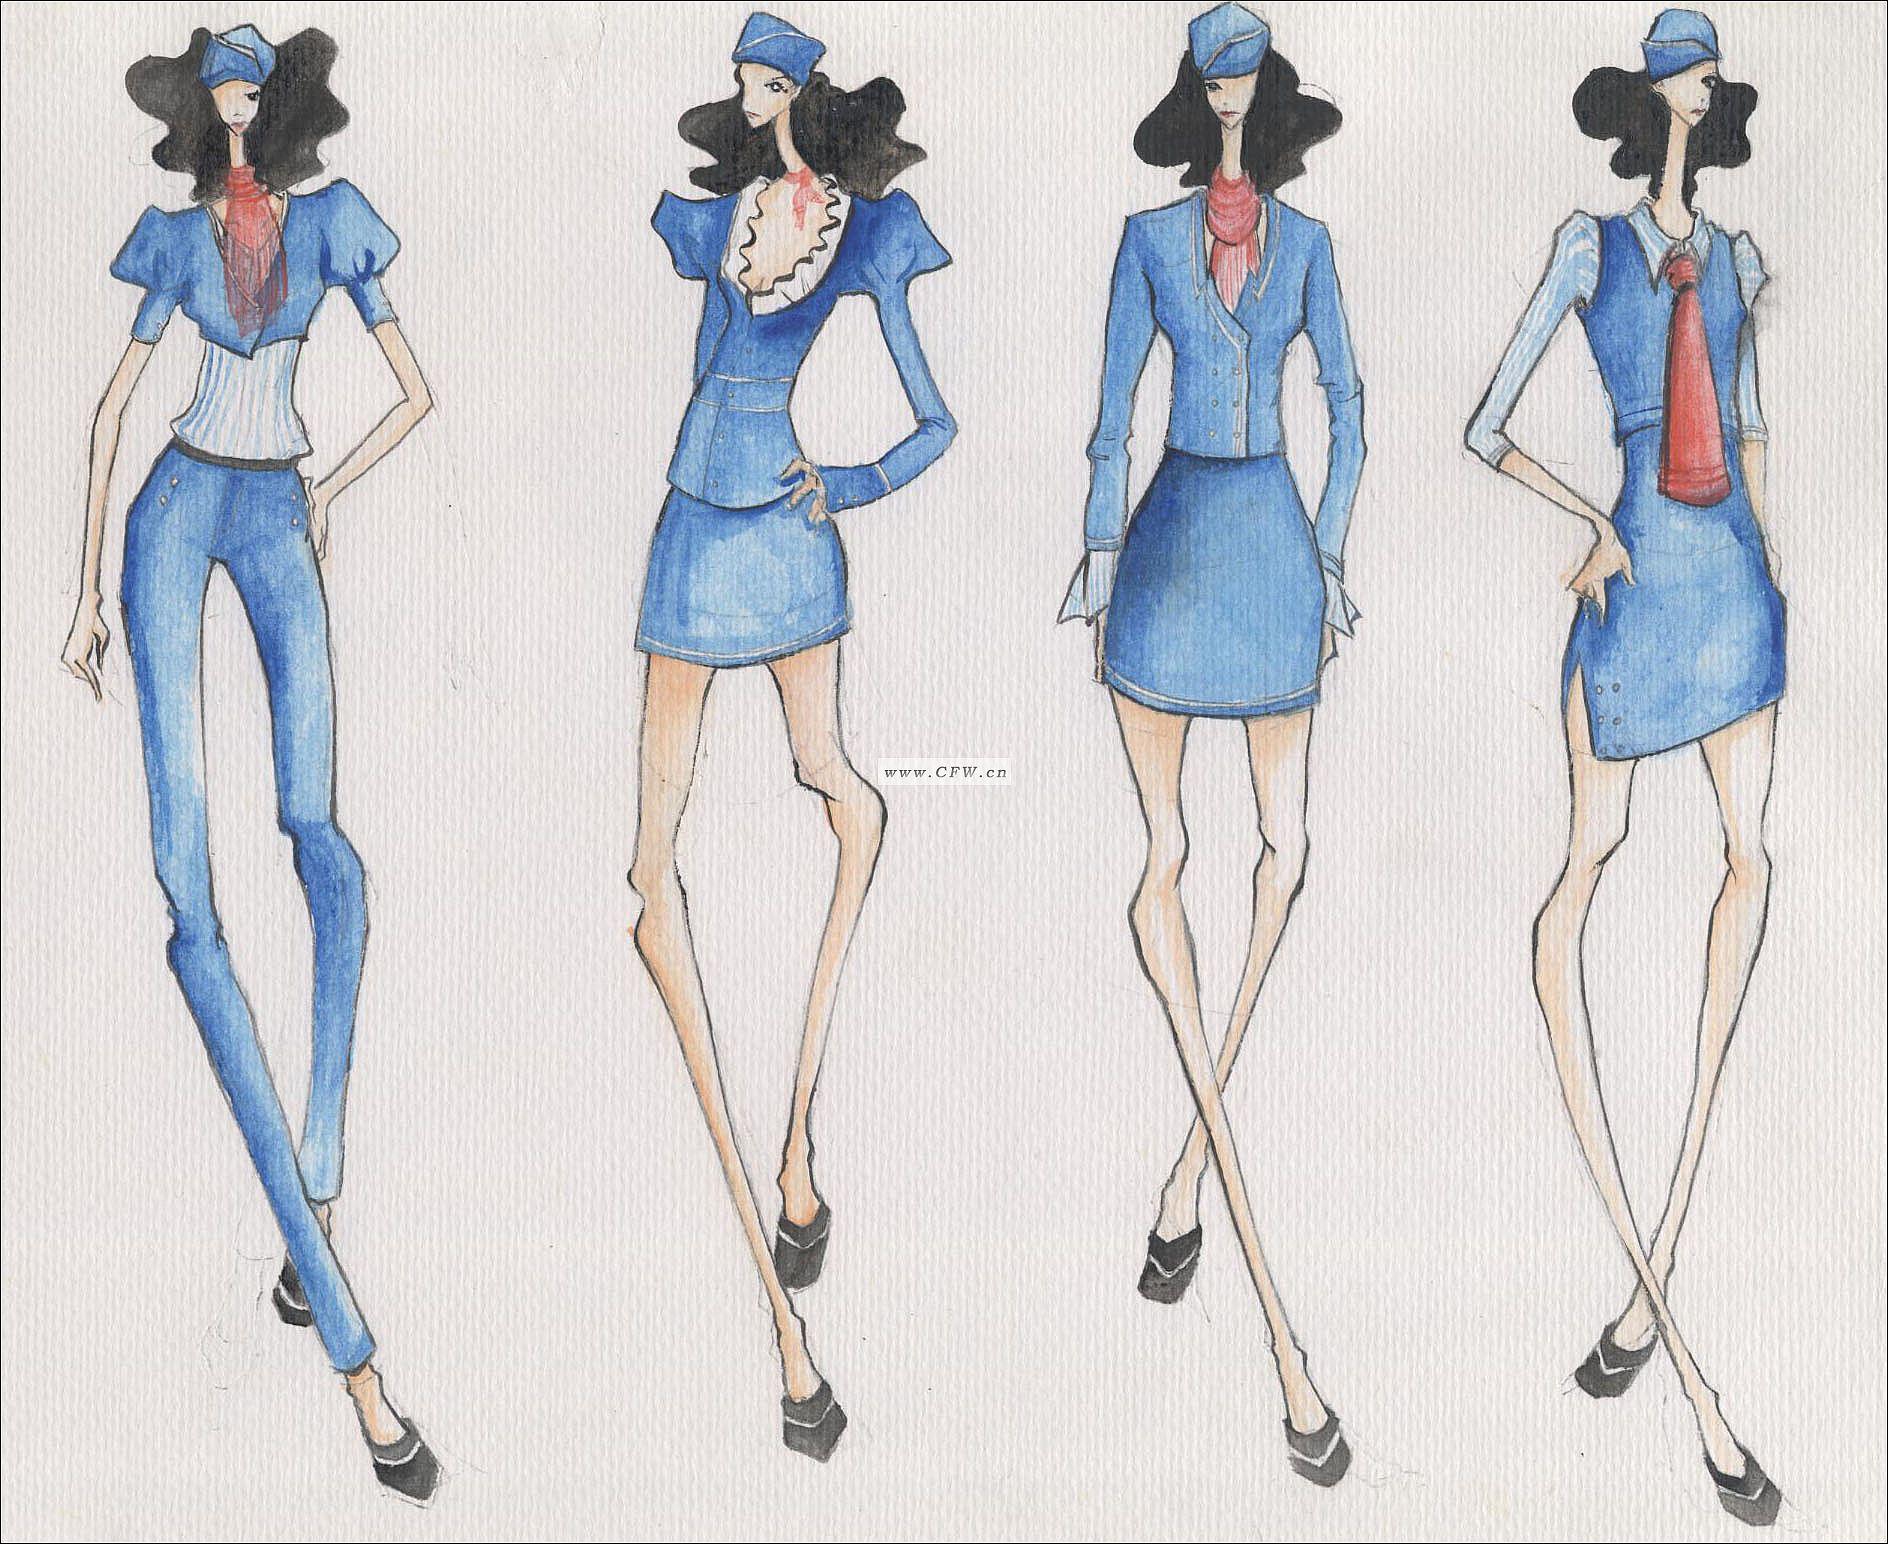 画裙子设计图 手绘裙子款式设计图_裙子设计图_简